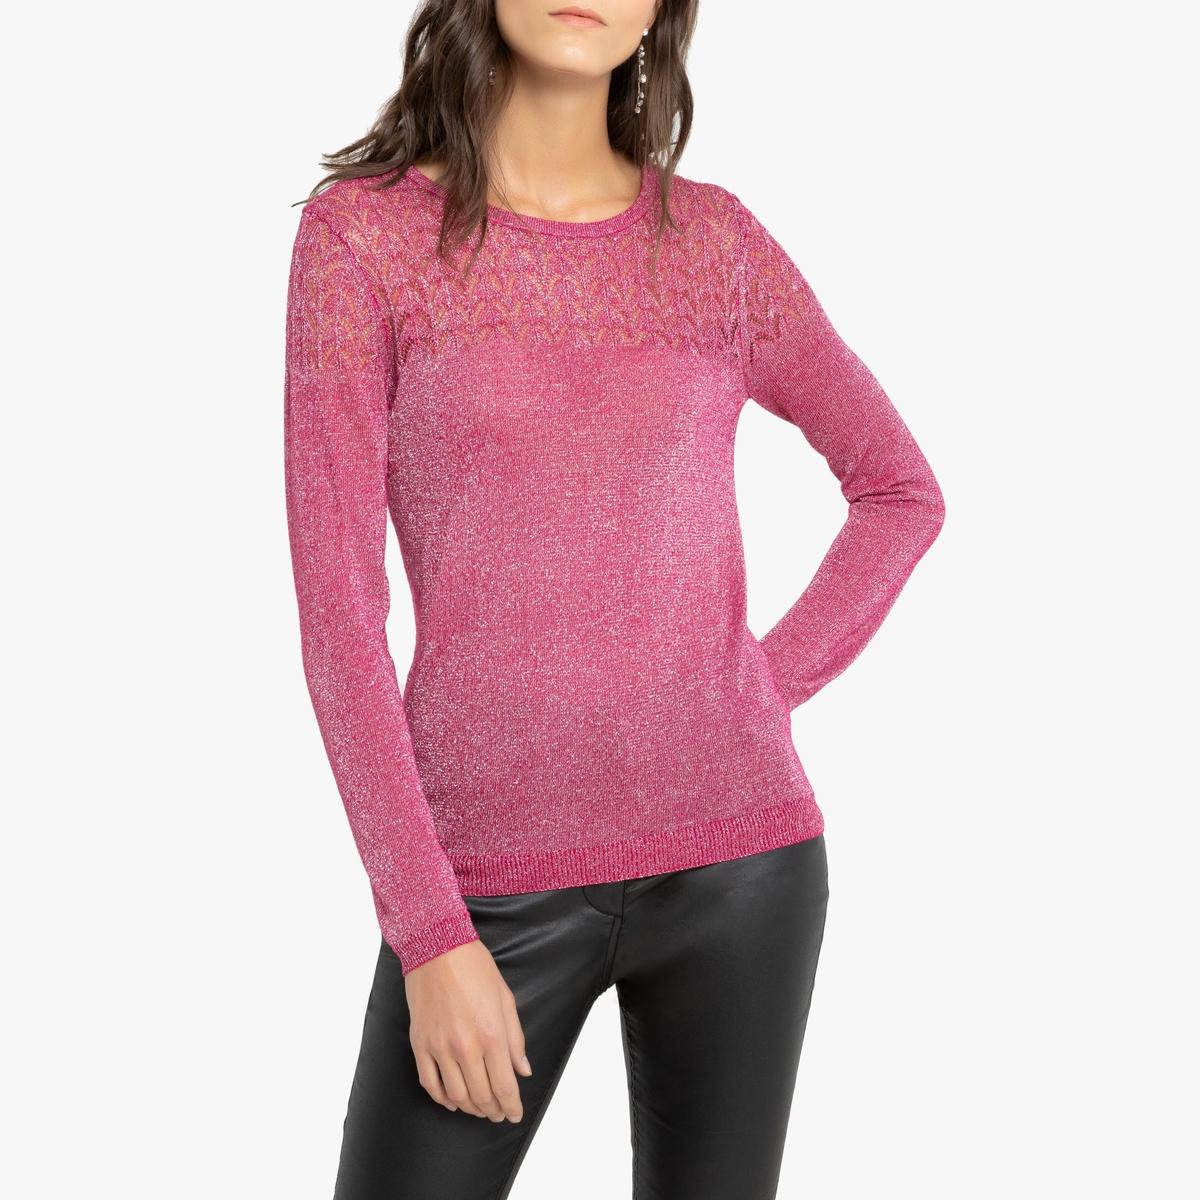 Пуловер La Redoute С круглым вырезом из тонкого ажурного трикотажа 46/48 (FR) - 52/54 (RUS) розовый пуловер la redoute с круглым вырезом из шерсти мериноса pascal 3xl черный